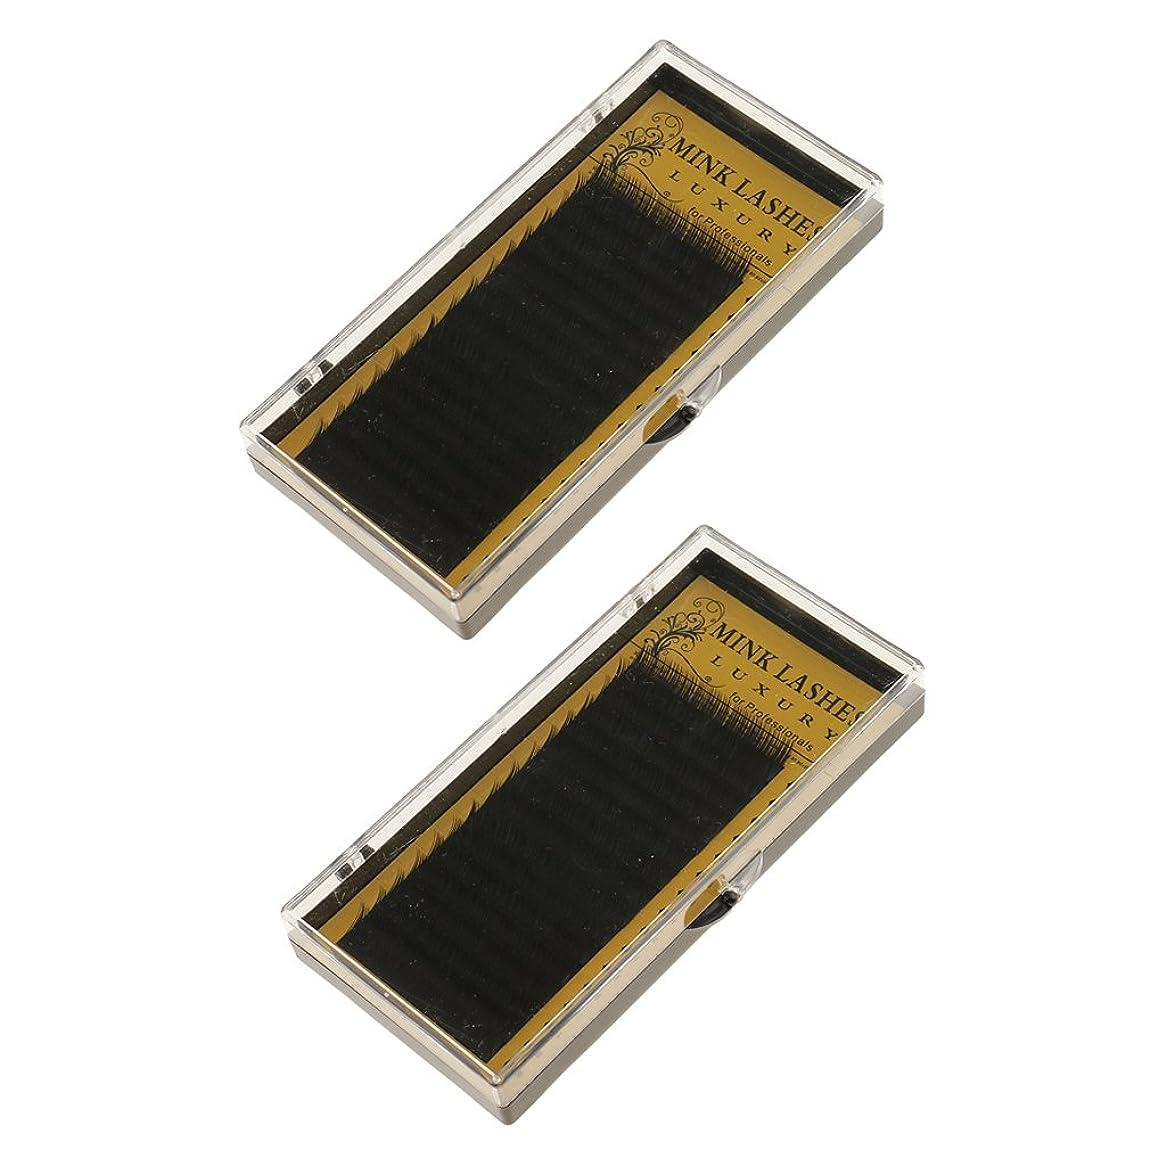 めまいがティーム使役Perfk 2箱 つけまつげ アイラッシュ エクステンション まつげ メイクアップ アイメイク ブラック ナチュラル パーティー Cカール 10mm 12mm